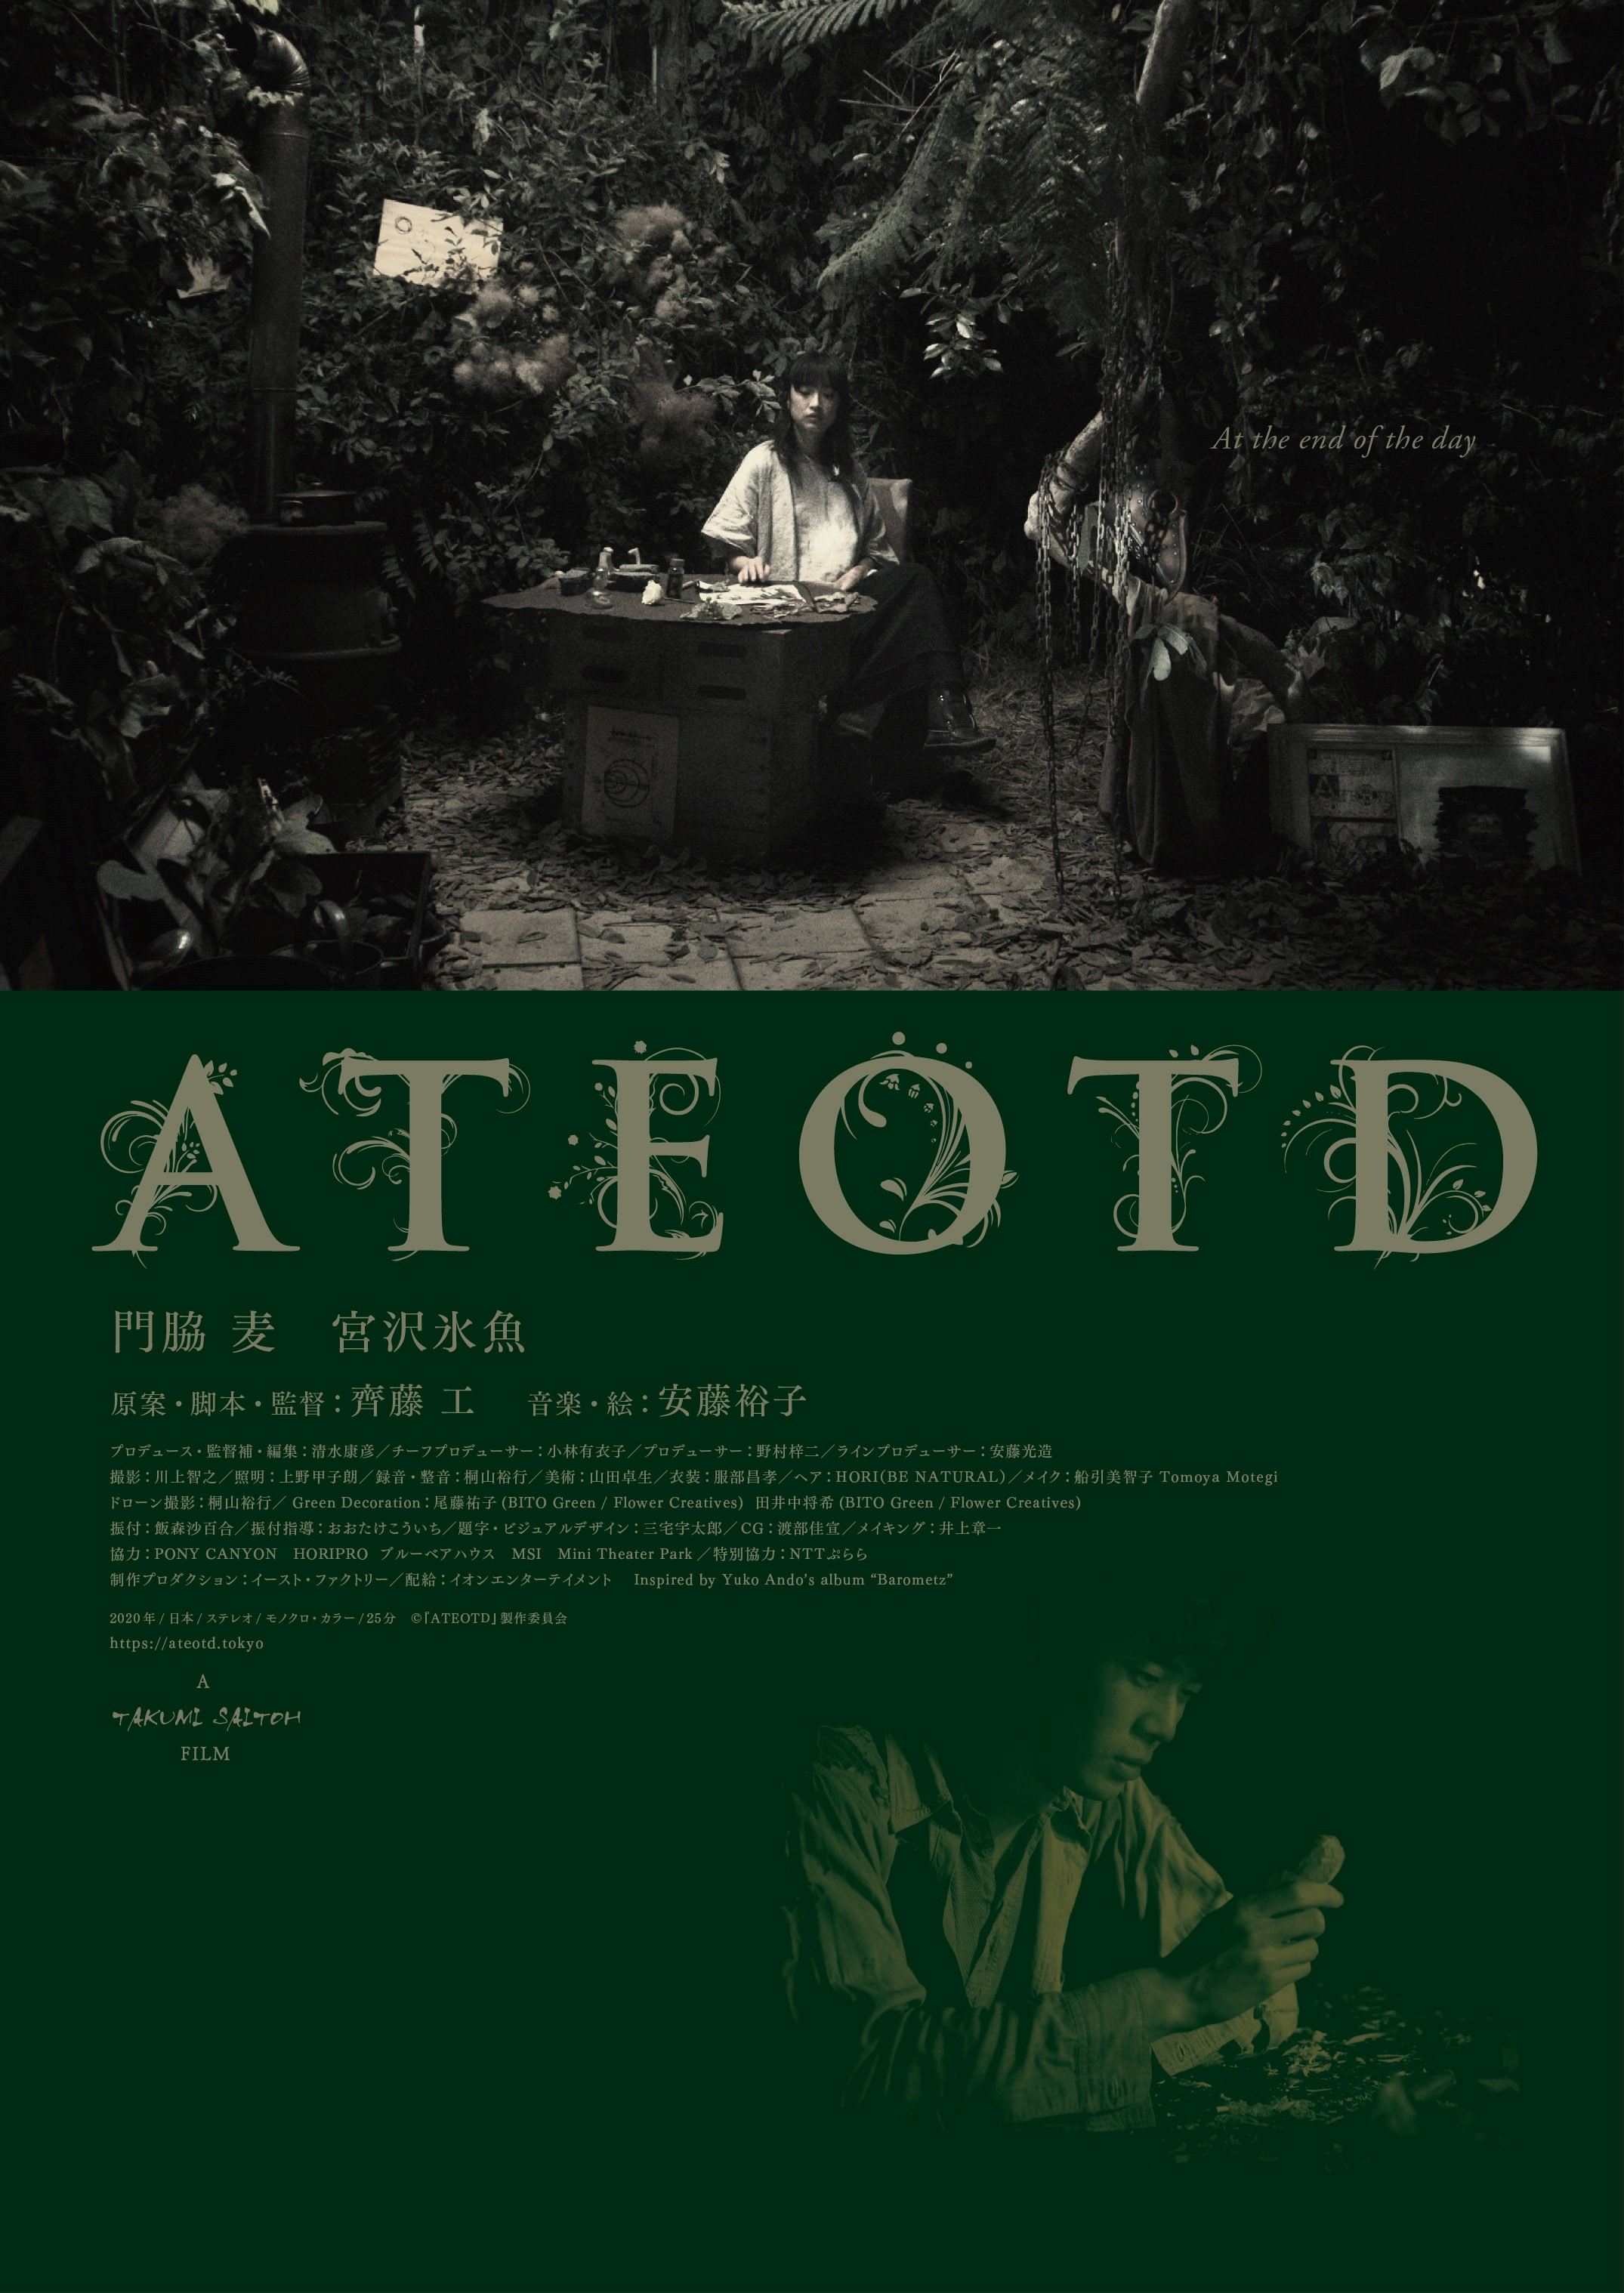 9月25日(金)<br>安藤裕子×齊藤工の短編映画「ATEOTD」全国公開決定!